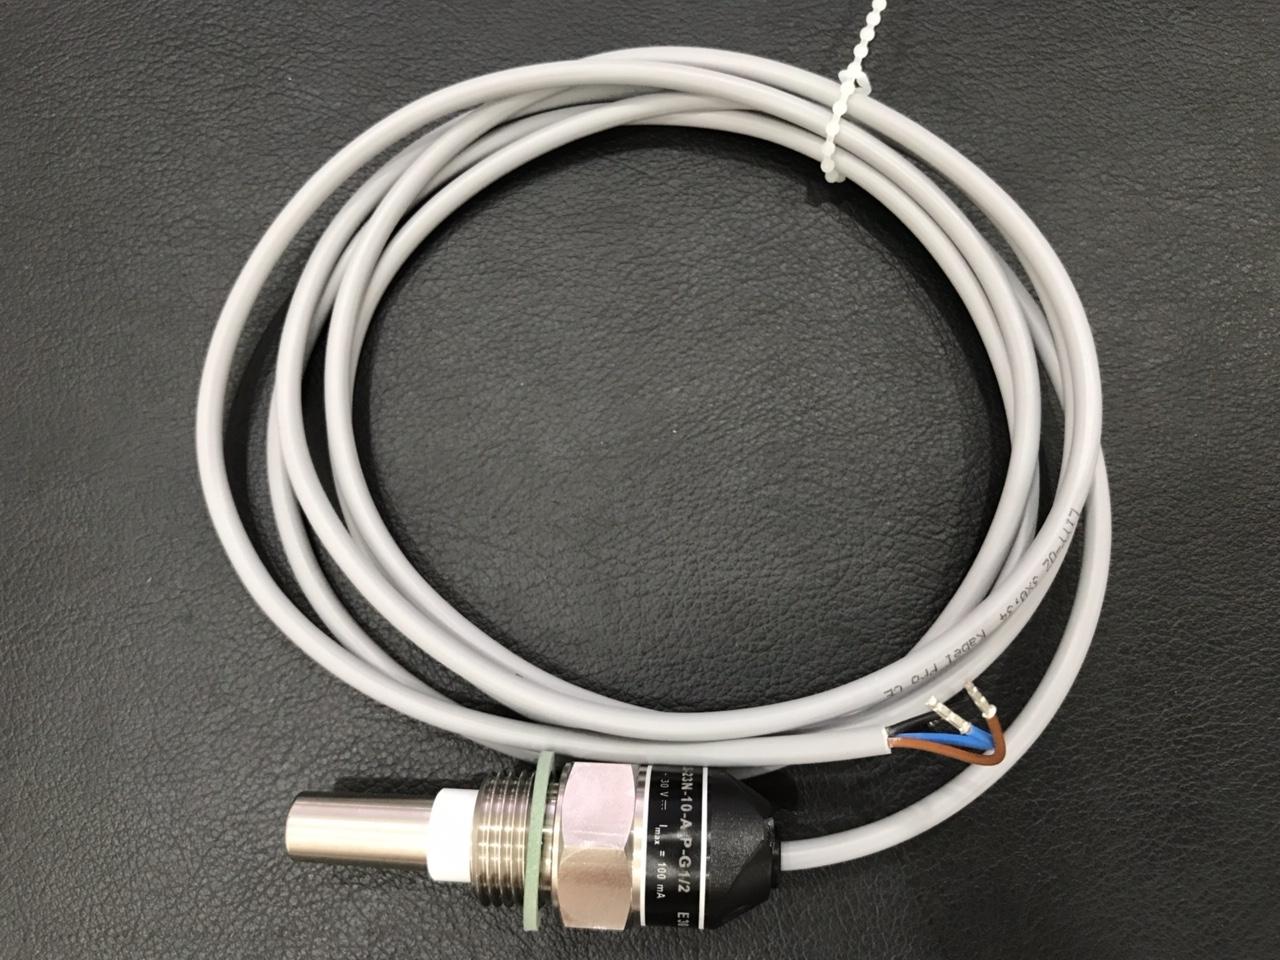 cảm biến báo mức xăng dầu Dinel CLS-23N-10